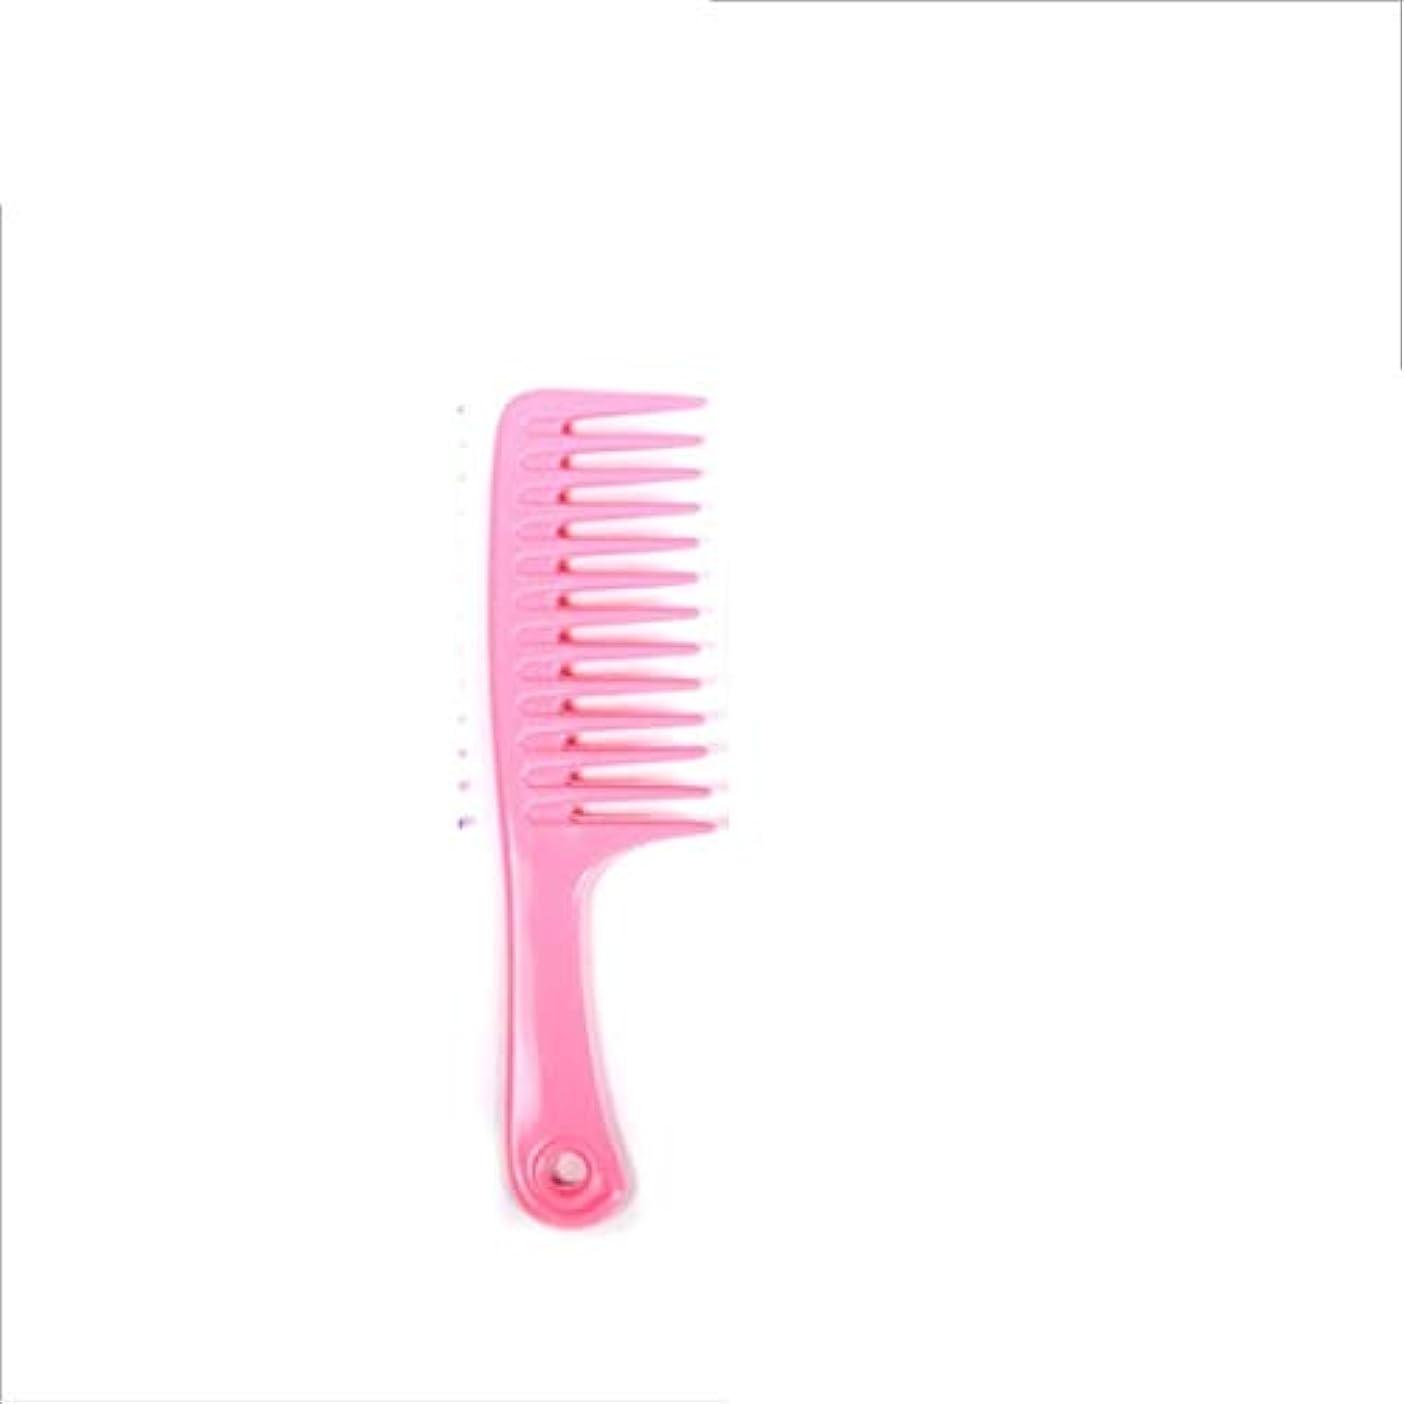 ファシズム懺悔情熱Guomao 24.5cmの静電気防止のもつれの櫛-大きい歯付きゴムの櫛 (色 : ピンク)